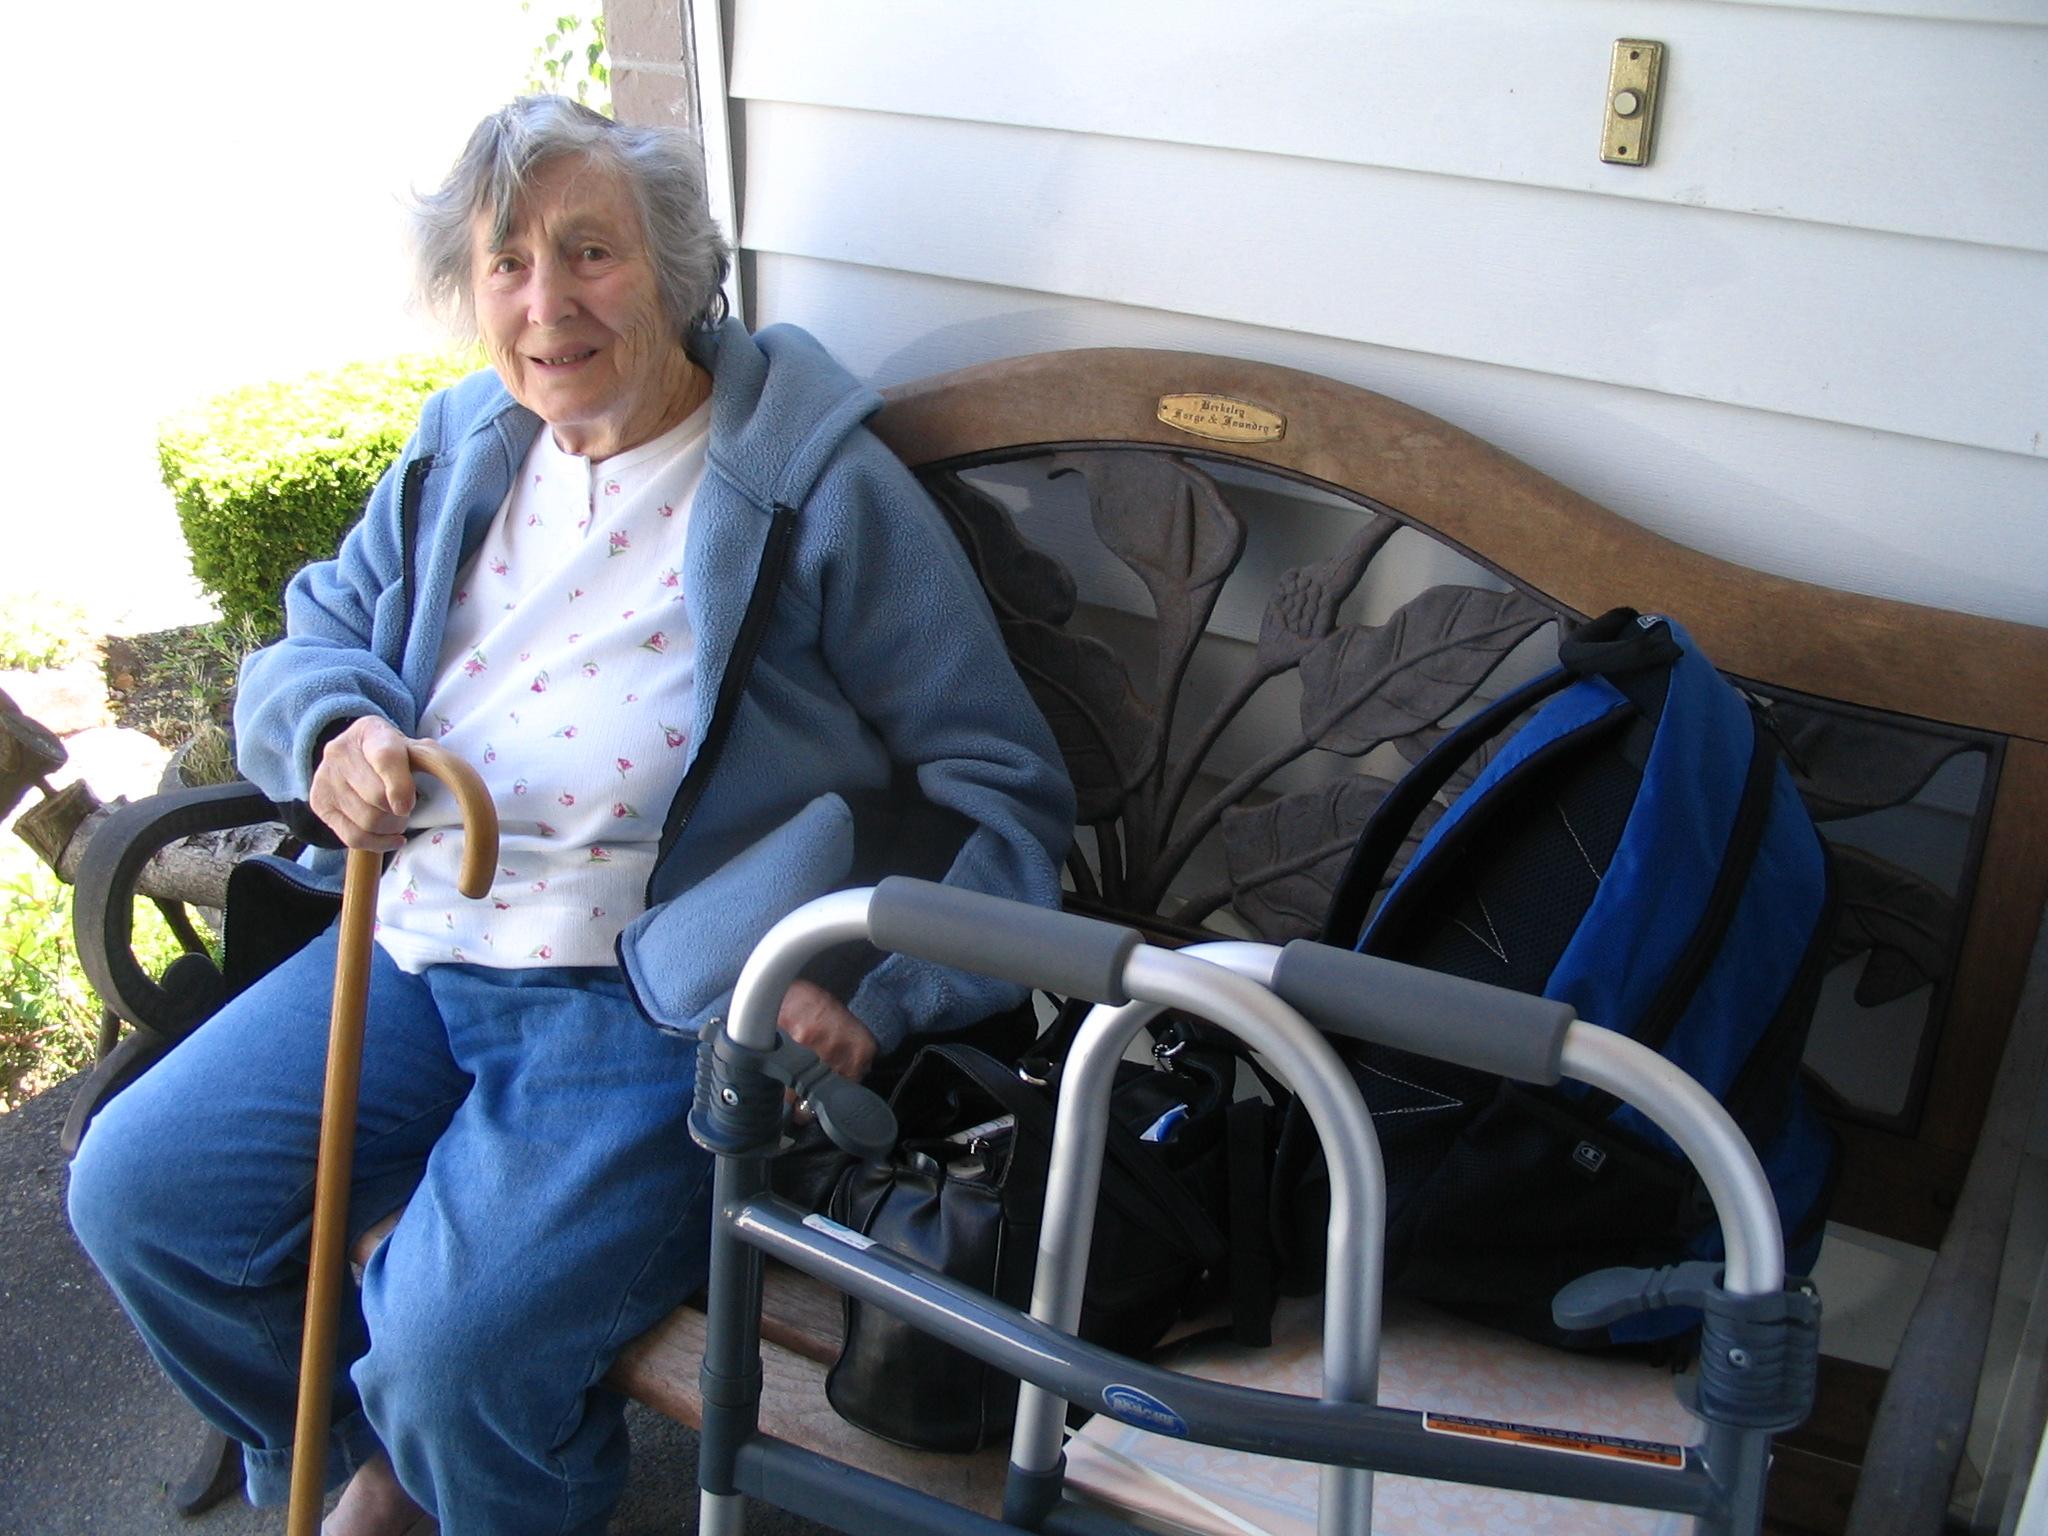 (c)2009 Em https://diabetesdietdialogue.wordpress.com 2009-6 Our Fire - Mum, meds and photos